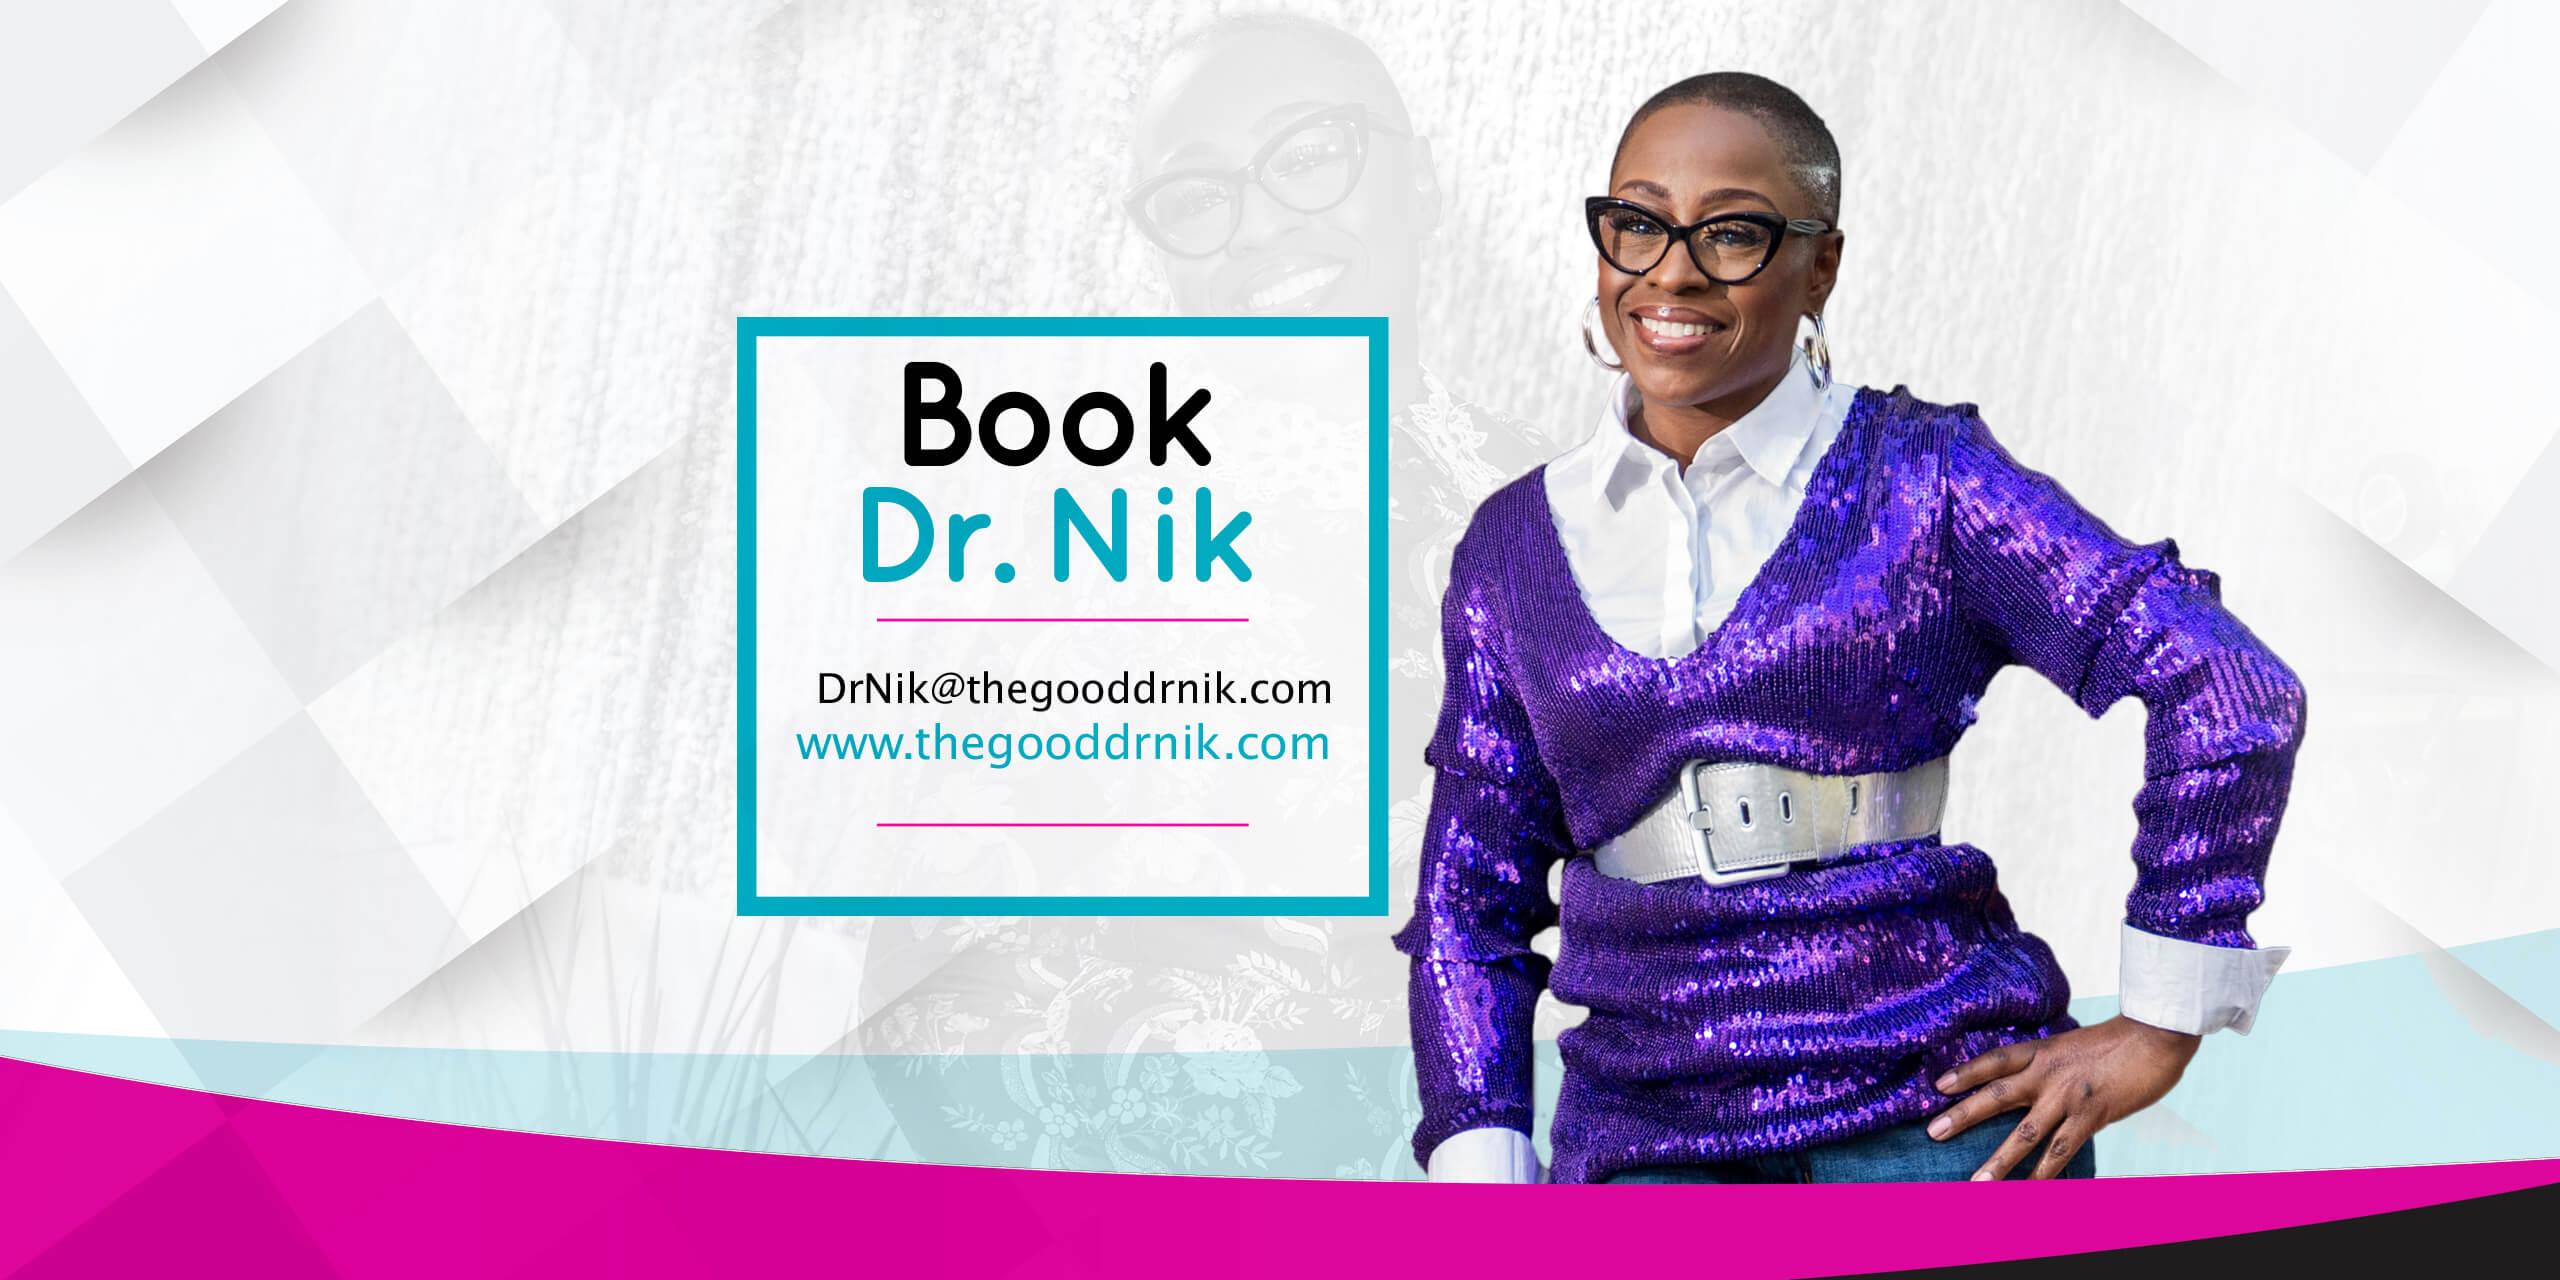 Book Dr. Nik